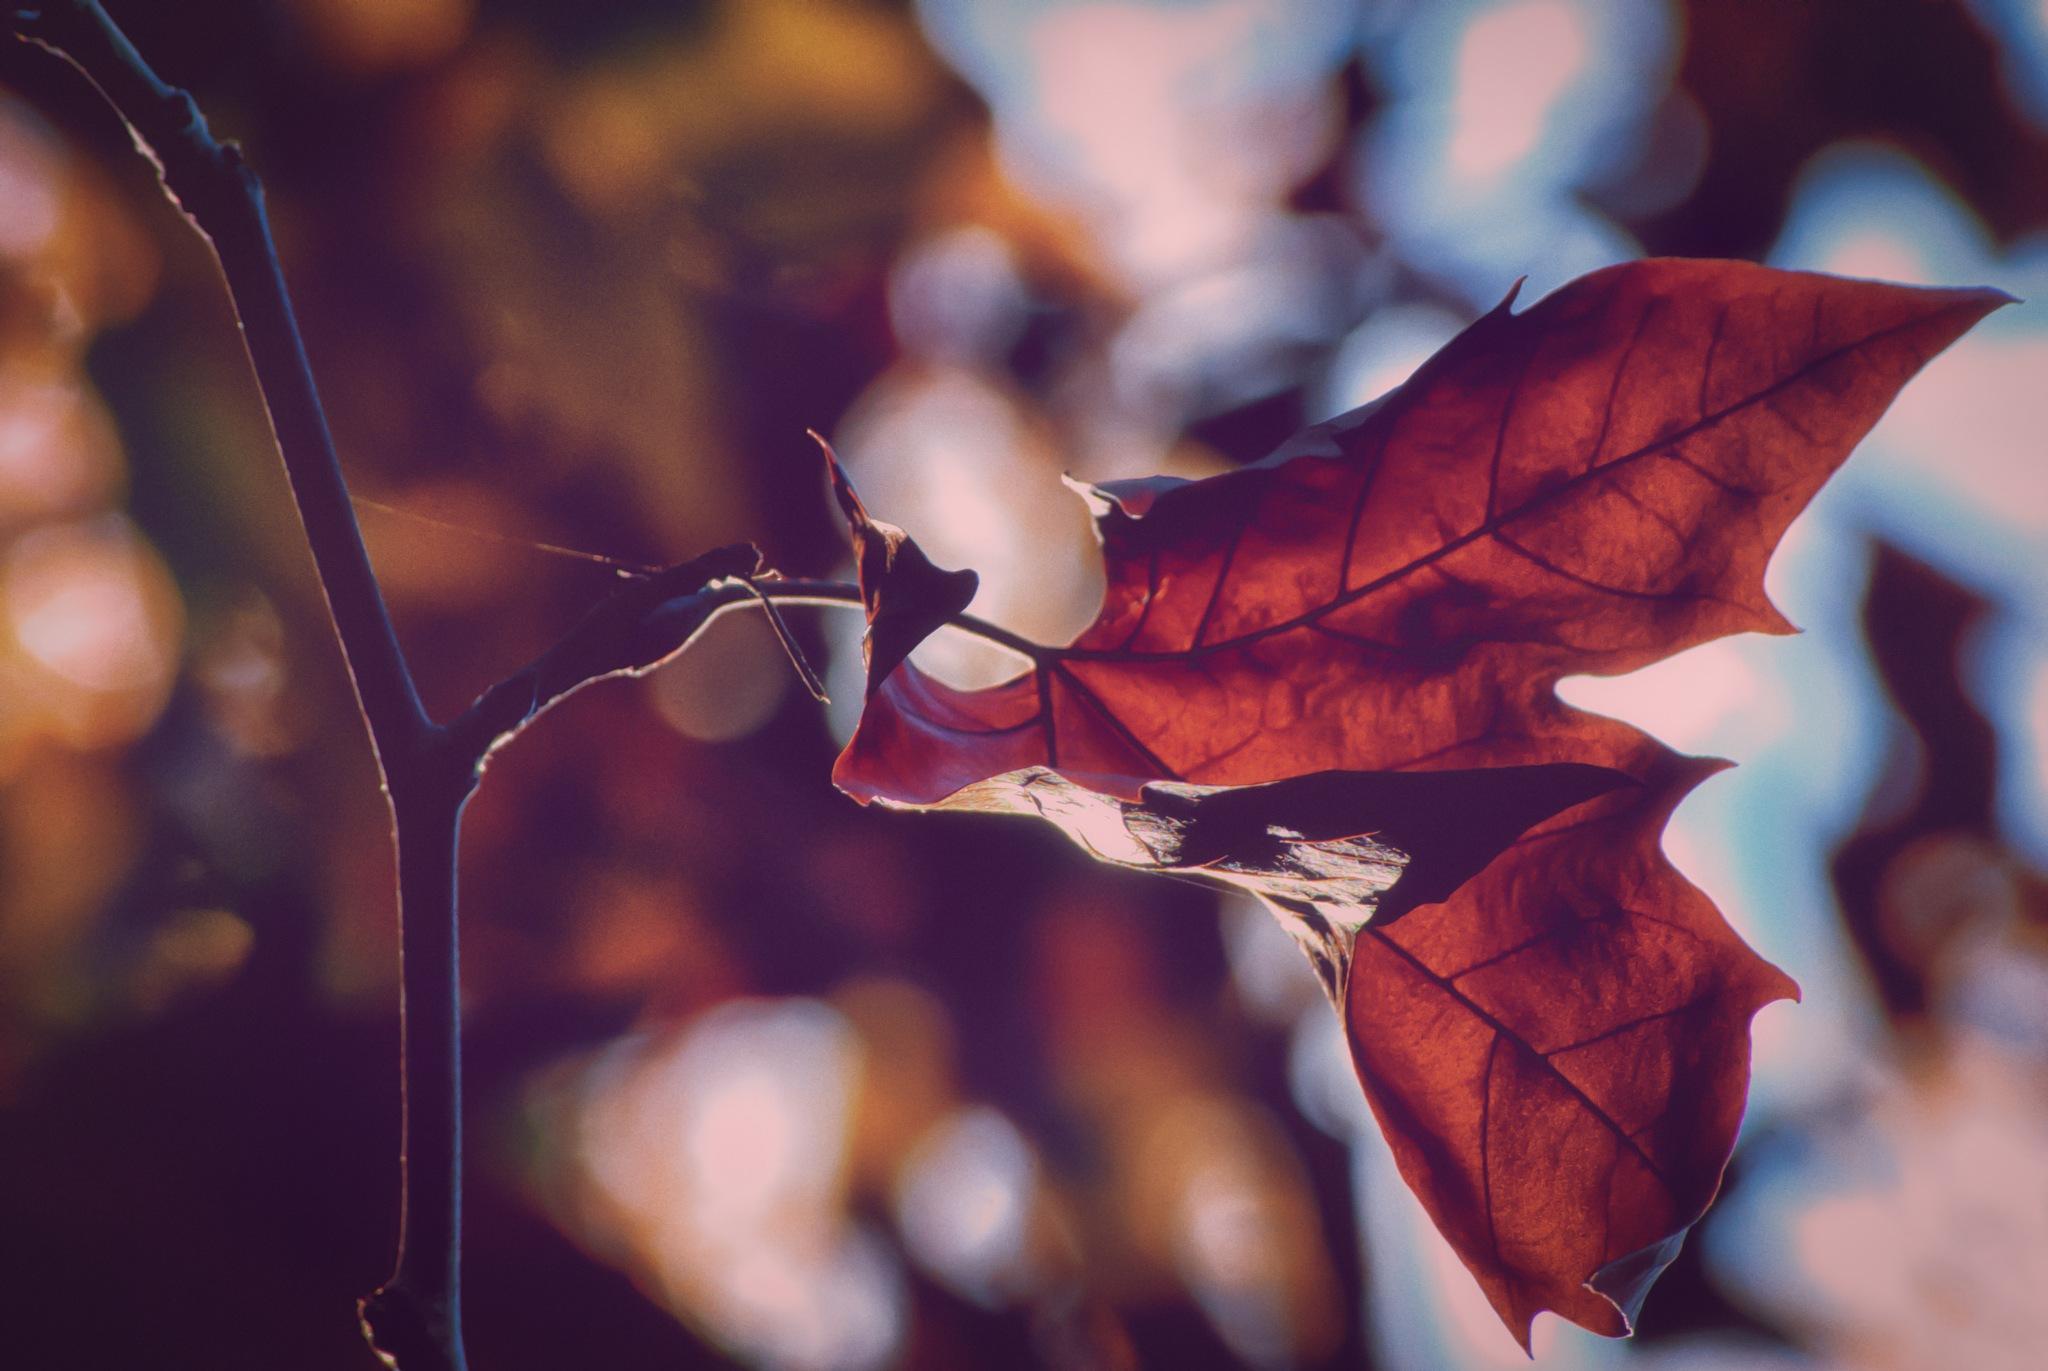 El otoño que no llega. Caravaca de la Cruz. by MiguelOnPhotography